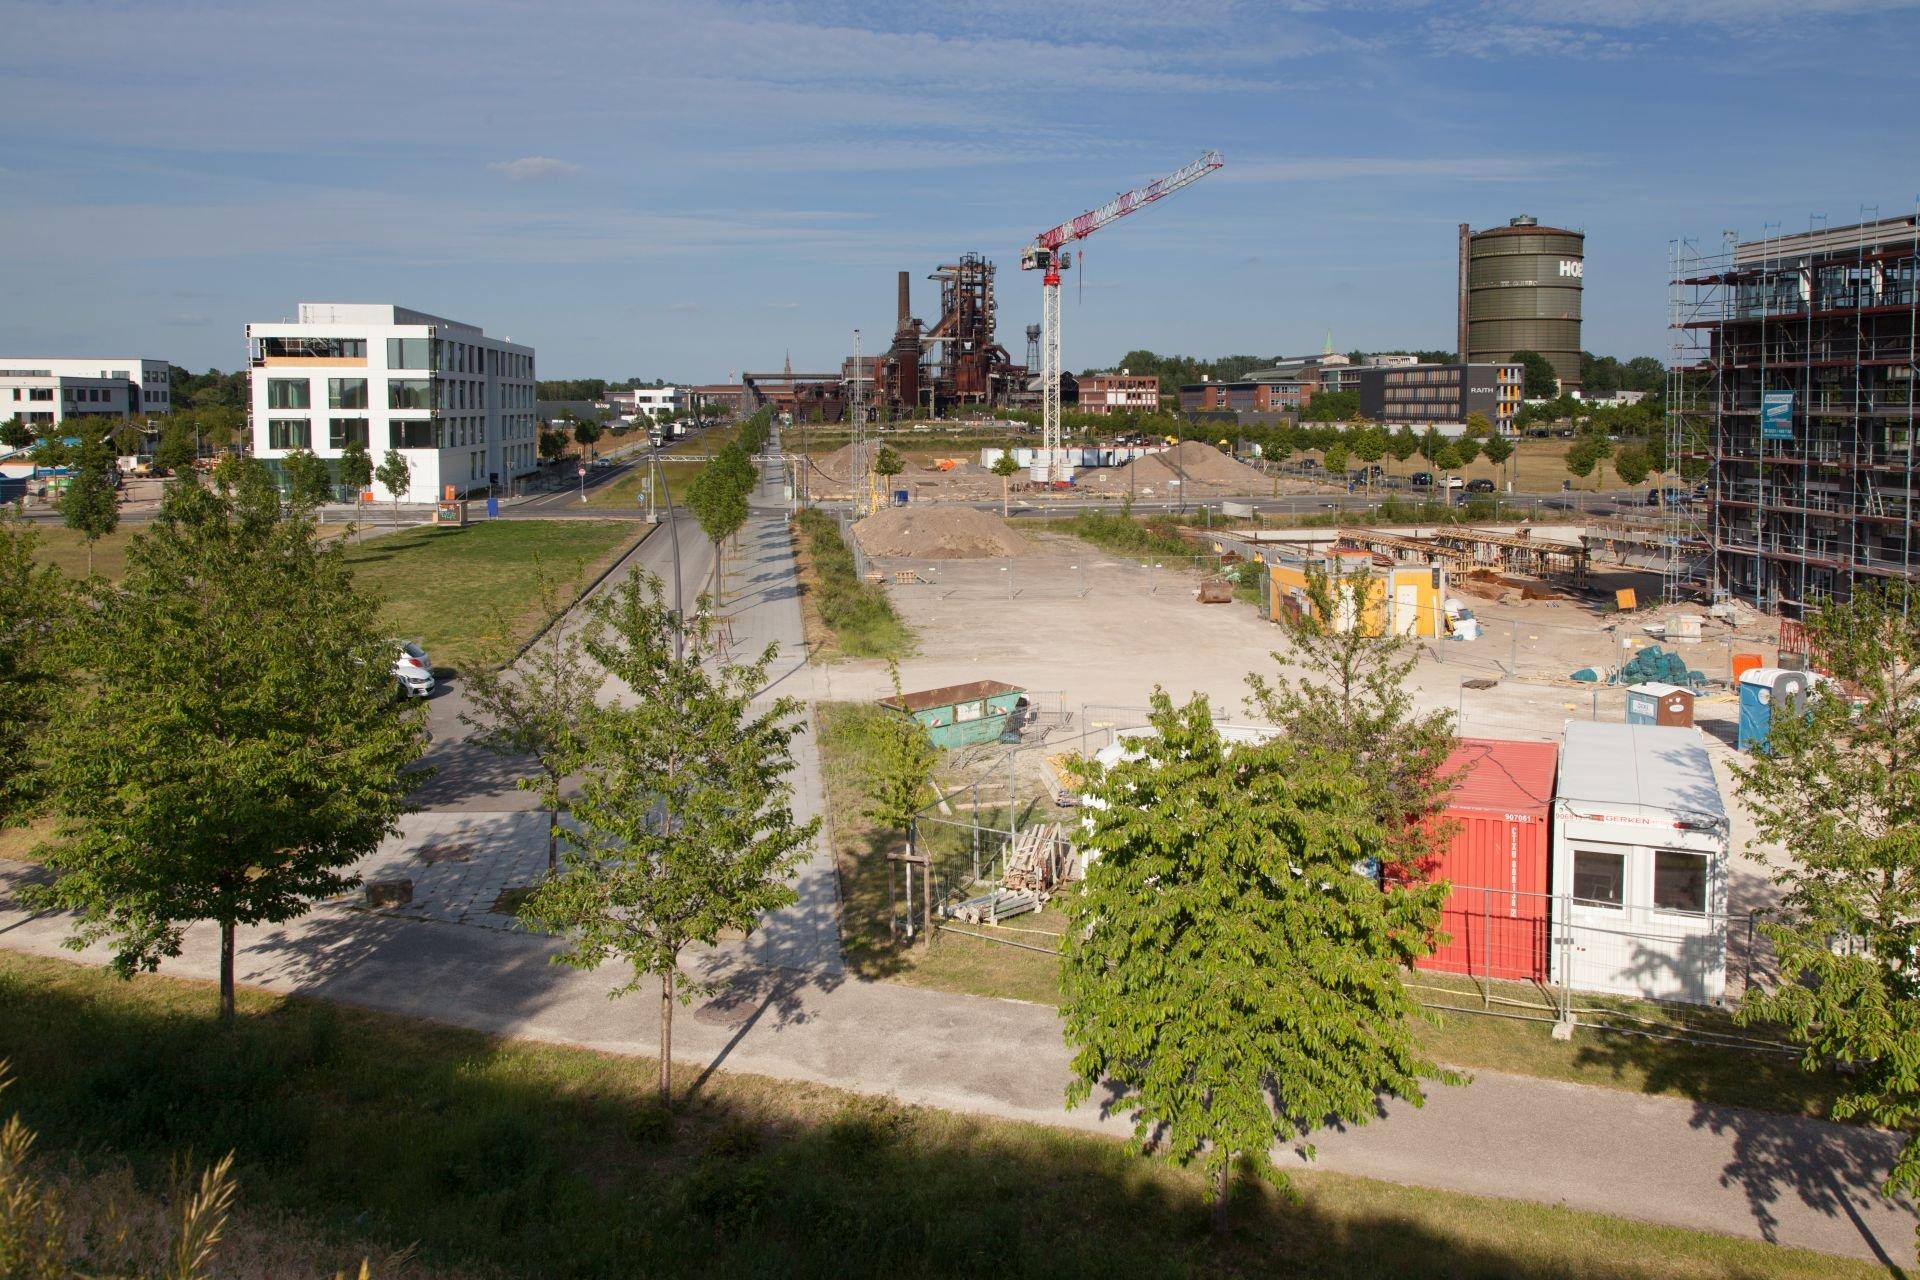 Dortmund-hörde-phoenix-west (4)